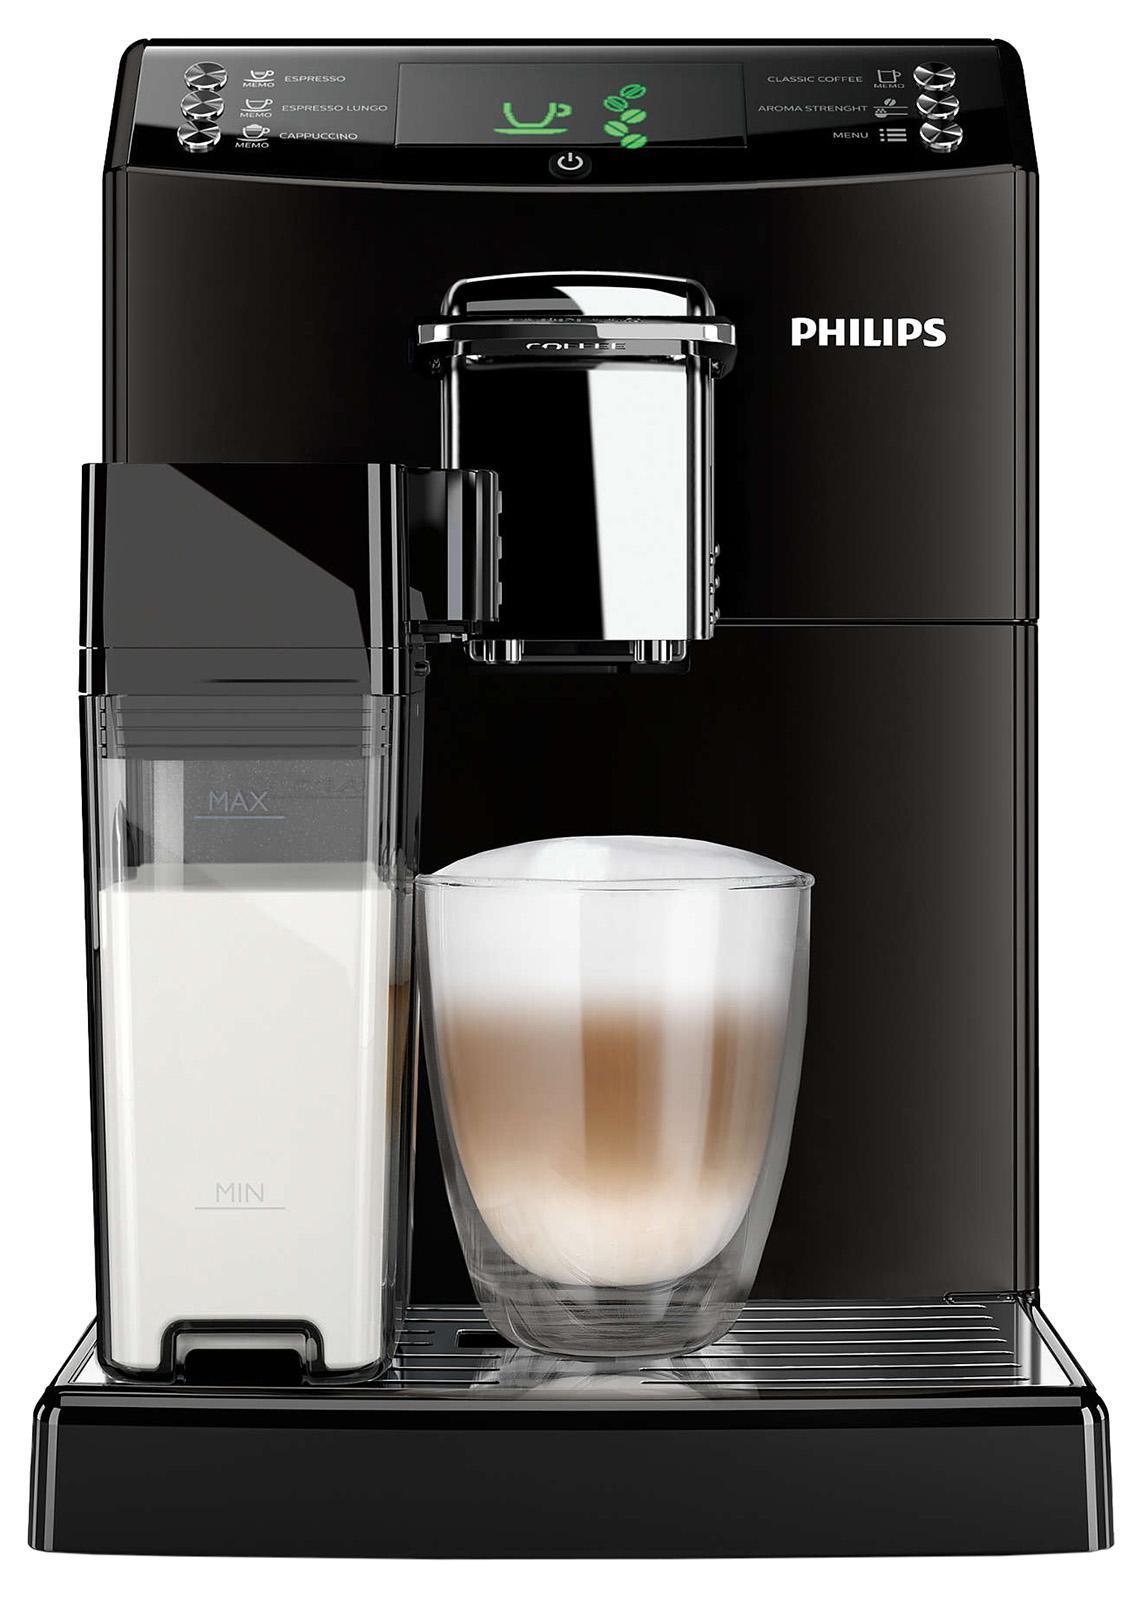 Philips HD8848/09 кофемашинаHD8848/09Эспрессо или классический кофе с помощью функции CoffeeSwitch.Превосходный вкус заварного кофе, приготовленного с помощьюавтоматической эспрессо-кофемашины! Наслаждайтесь классическим кофе по утрамили крепким эспрессо, просто изменив положение переключателя.Уникальная функция CoffeeSwitch позволяет выбирать идеальныйкофейный напиток, приготовленный из свежемолотых зерен, для любогонастроения или времени суток. Идеальный капучино с пышной молочнойпеной одним нажатием кнопки. Наслаждаться превосходным капучино,приготовленным при идеальной температуре, теперь просто как никогда.Просто наполните молочный кувшин и присоедините его к кофемашине,затем выберите свой напиток. Будет ли это капучино или простовзбитое молоко, приготовление займет всего несколько секунд. Приэтом не будет никаких брызг. Потрясающий вкус благодаря 100%-но керамическимжерновам. Забудьте о жженом привкусе кофе благодаря 100%-нокерамическим жерновам, которые не перегревают зерна. Керамикагарантирует долгий срок службы и бесшумную работу. Регулируемые настройки помола дляидеального вкуса кофе. Выберите одну из пяти степеней помола наваш вкус — от самого тонкого для приготовления насыщенногокрепкого эспрессо до самого грубого для более легкого вкуса. Приготовьте кофе посвоему вкусу, выбрав нужную крепость. Вы всегда сможетеприготовить идеальный кофе в соответствии с вашими личными предпочтениямиблагодаря настройкам температуры, объема и крепости. Кроме того, спомощью функции памяти можно сохранить разный объем для каждогонапитка. Наслаждайтесь превосходным качеством кофе,приготовленным всего одним нажатием кнопки. Интуитивно понятный дисплей дляпростого управления кофемашиной. На интуитивно понятном дисплееотображается вся необходимая информация, благодаря чему вы сможетелегко управлять кофемашиной и готовить идеальные кофейные напитки.Кнопки на фронтальной панели обозначают кофейные напитки, которыенаходятся в одном нажатии от вас. Вы сможетеиспользовать чашку любо